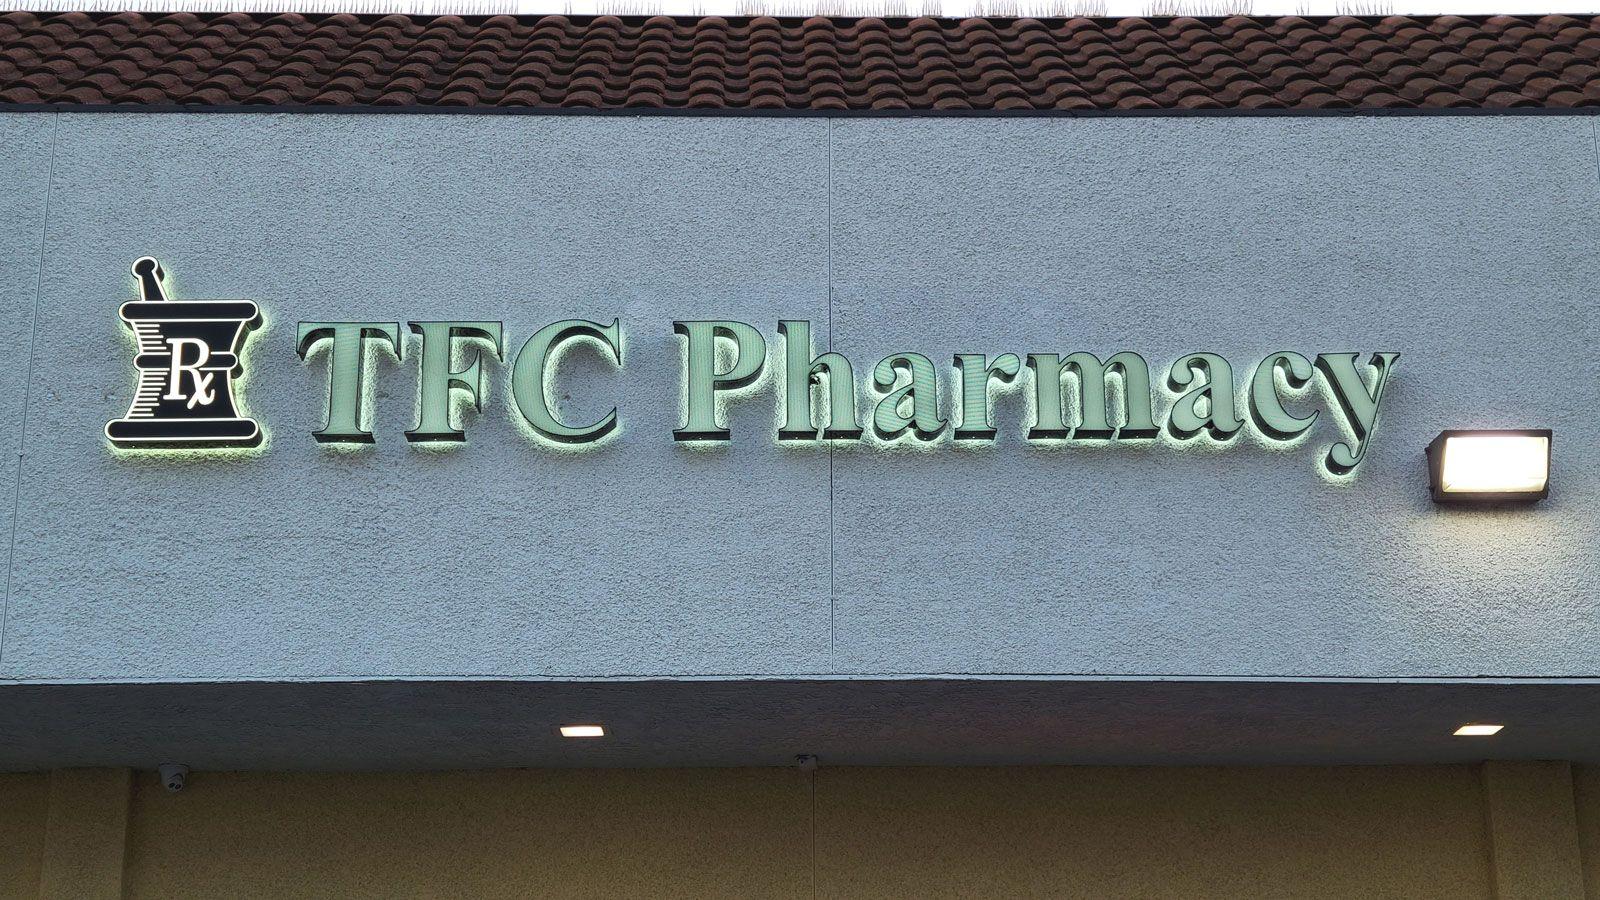 TFC pharmacy illuminated signs